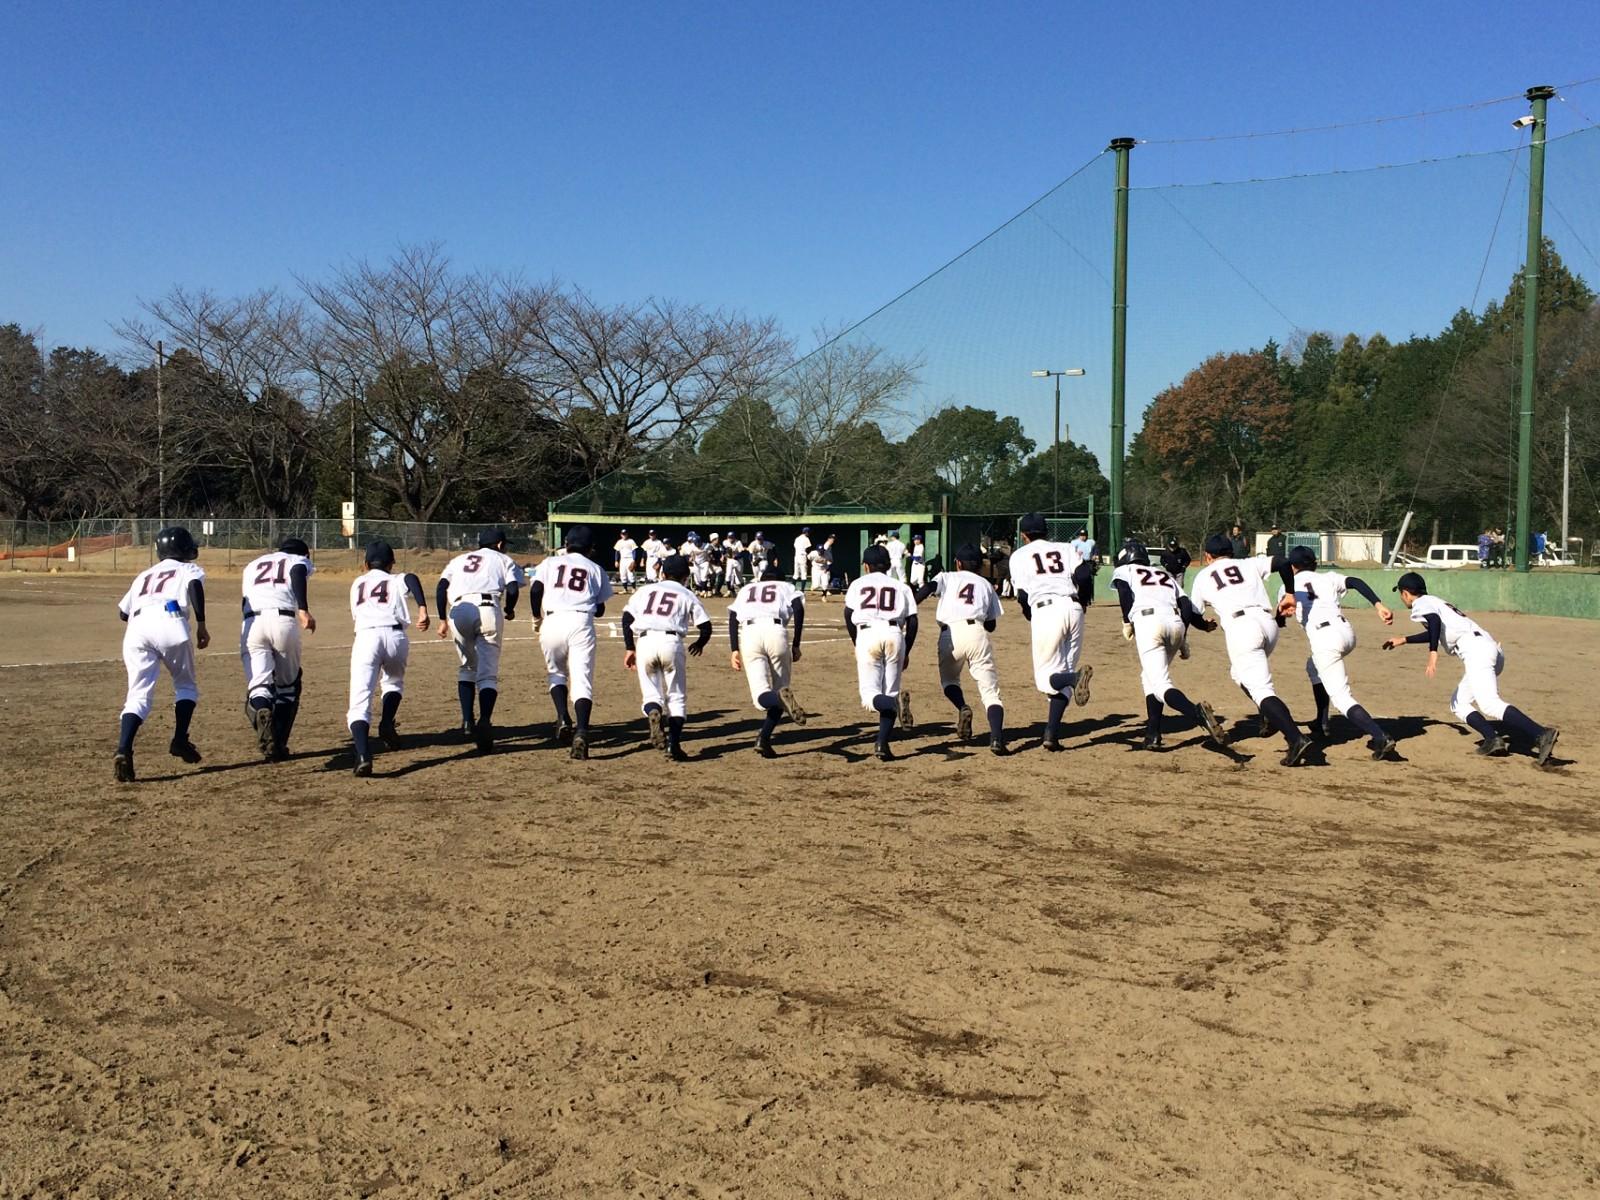 2014.12.13 第2回水戸ヤクルトカップ 1回戦 取手リトルシニア戦